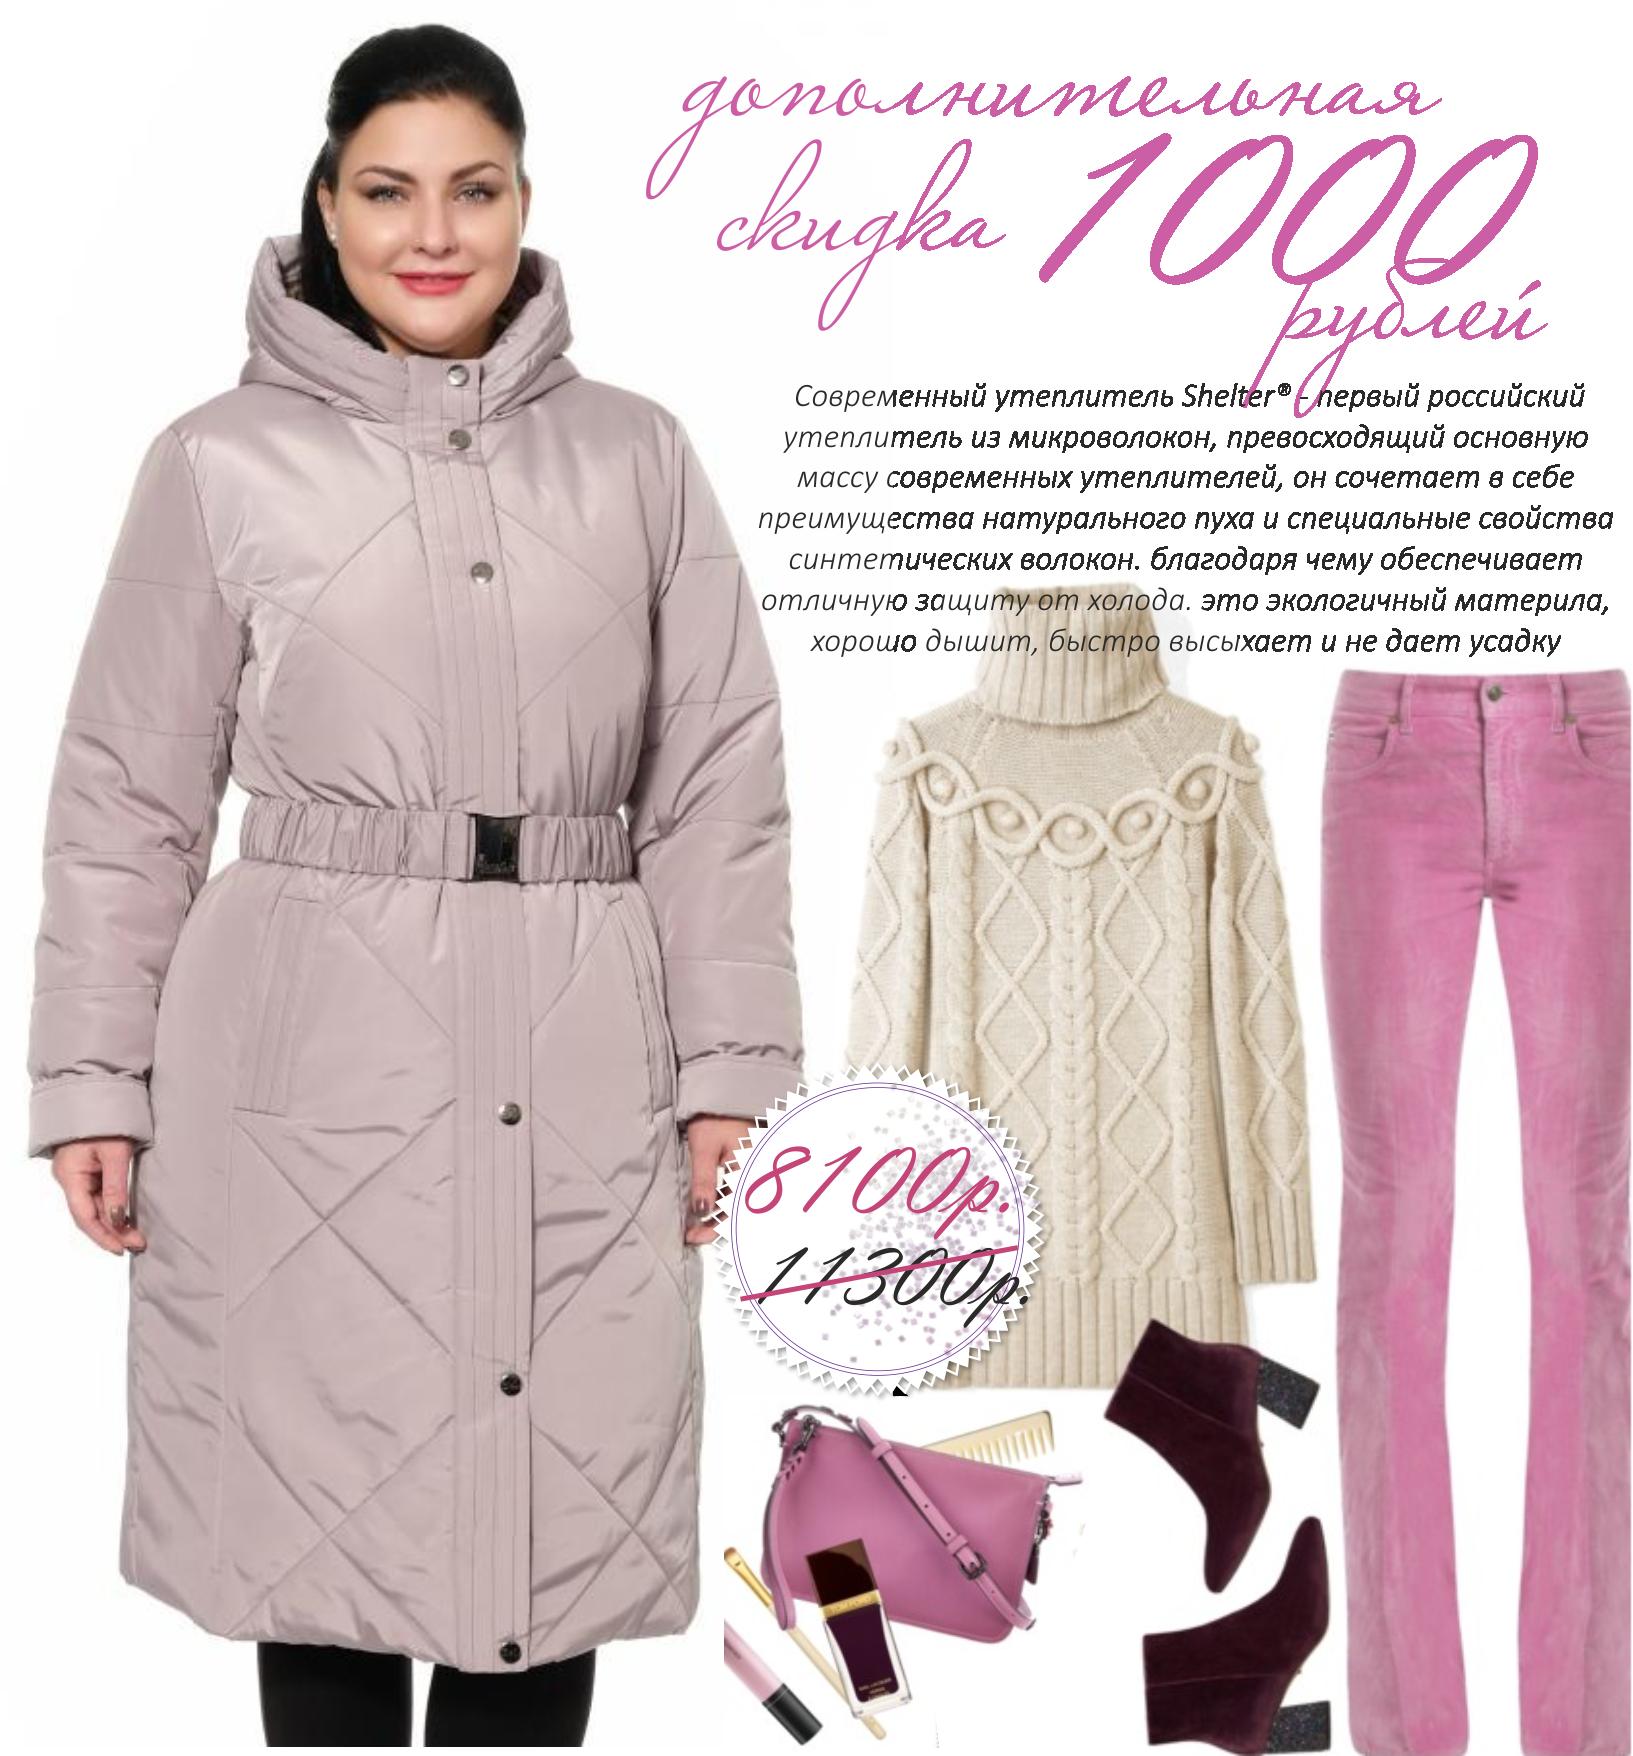 Это любовь: дополнительная скидка 1000 рублей на длинные теплые пальто